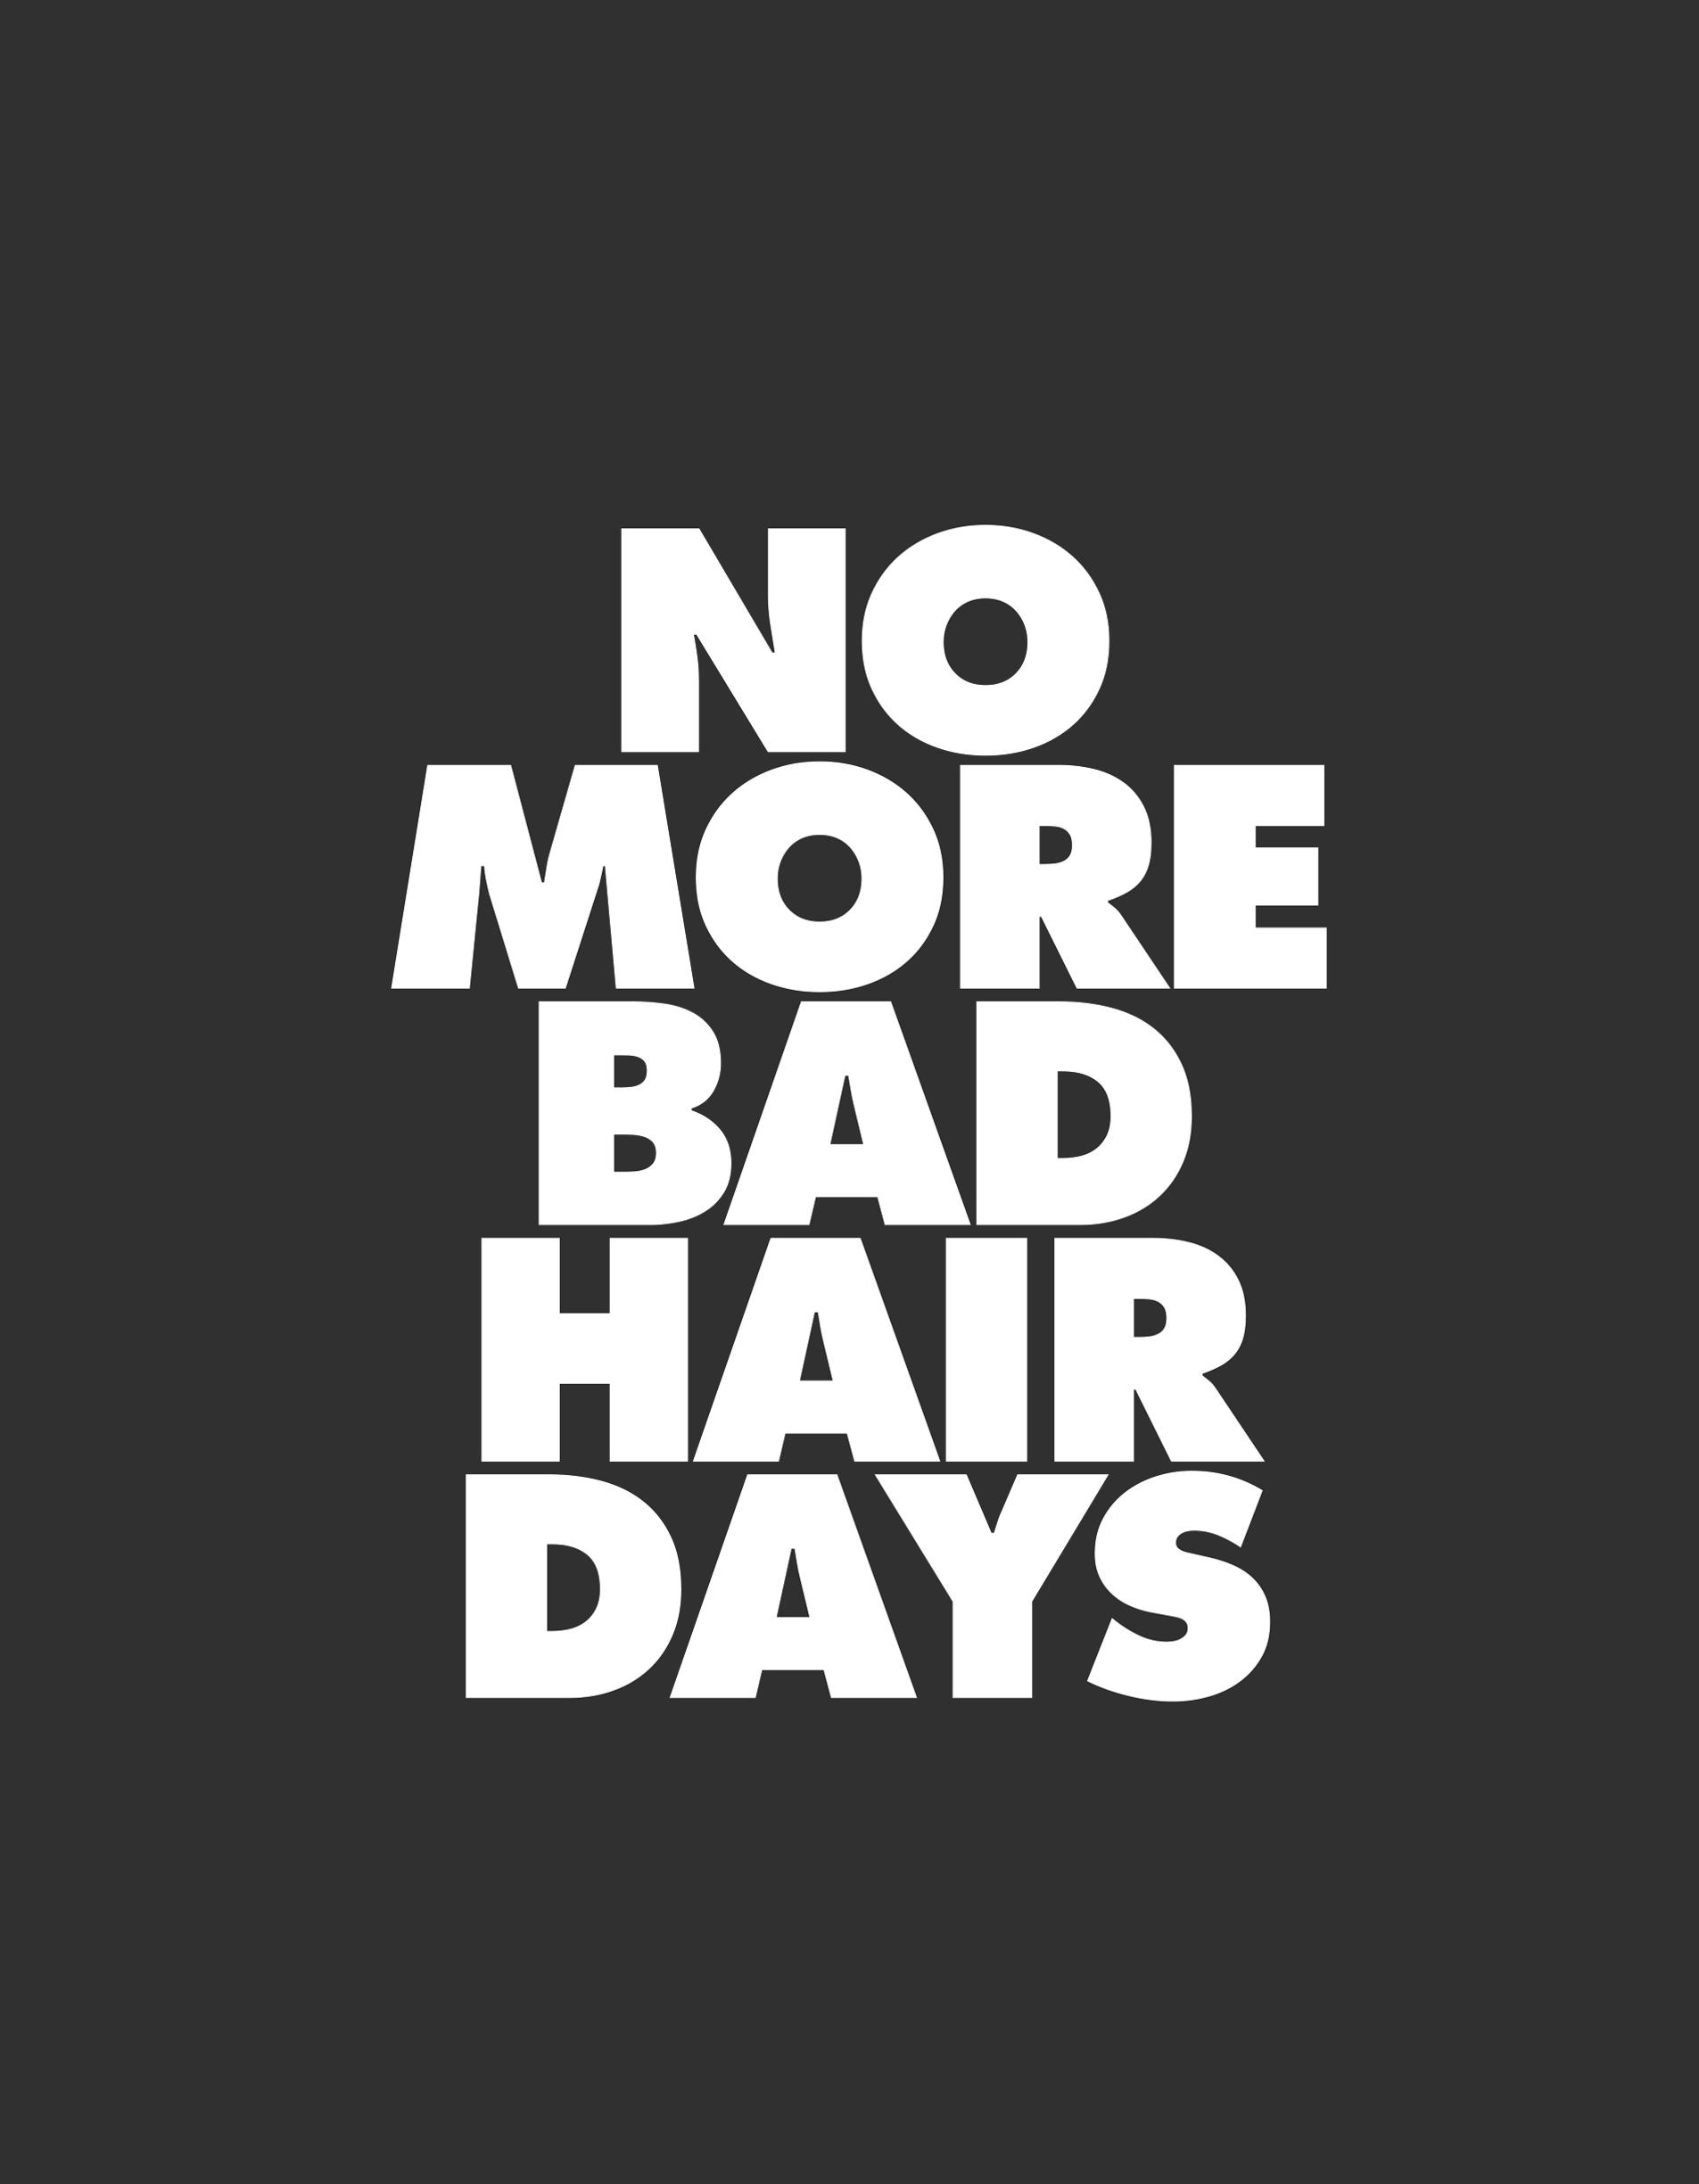 Rethink_Hairshop_Nomorebadhairdays.jpg